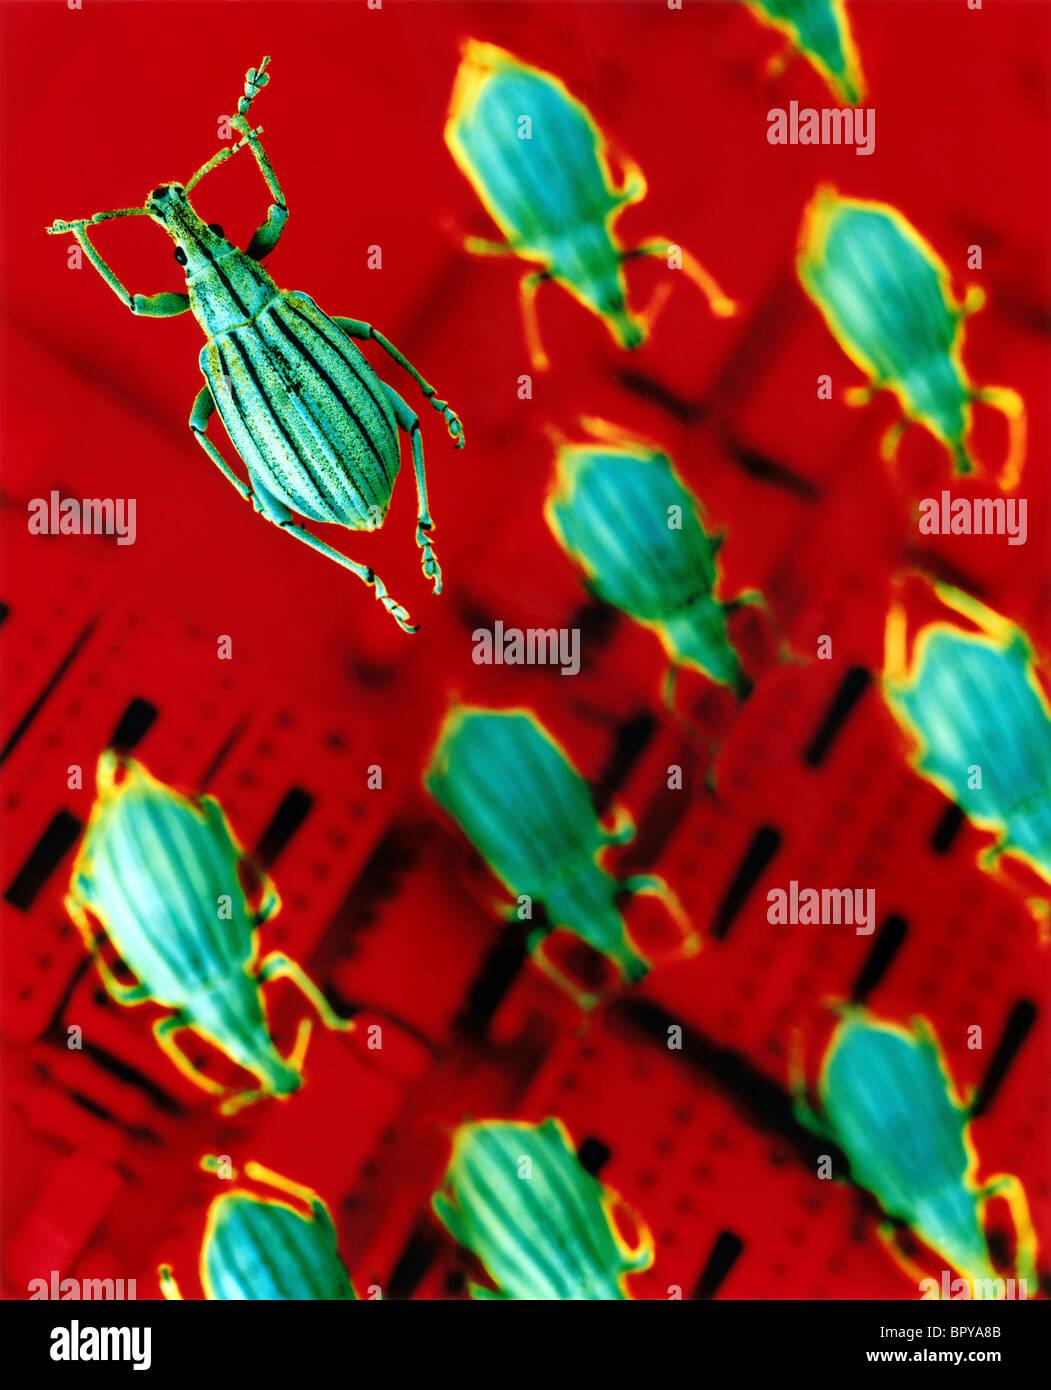 Computer-Bugs, Computer-Virus und Software Virus werden spielerisch in diesem Bild erfasst. Stockbild